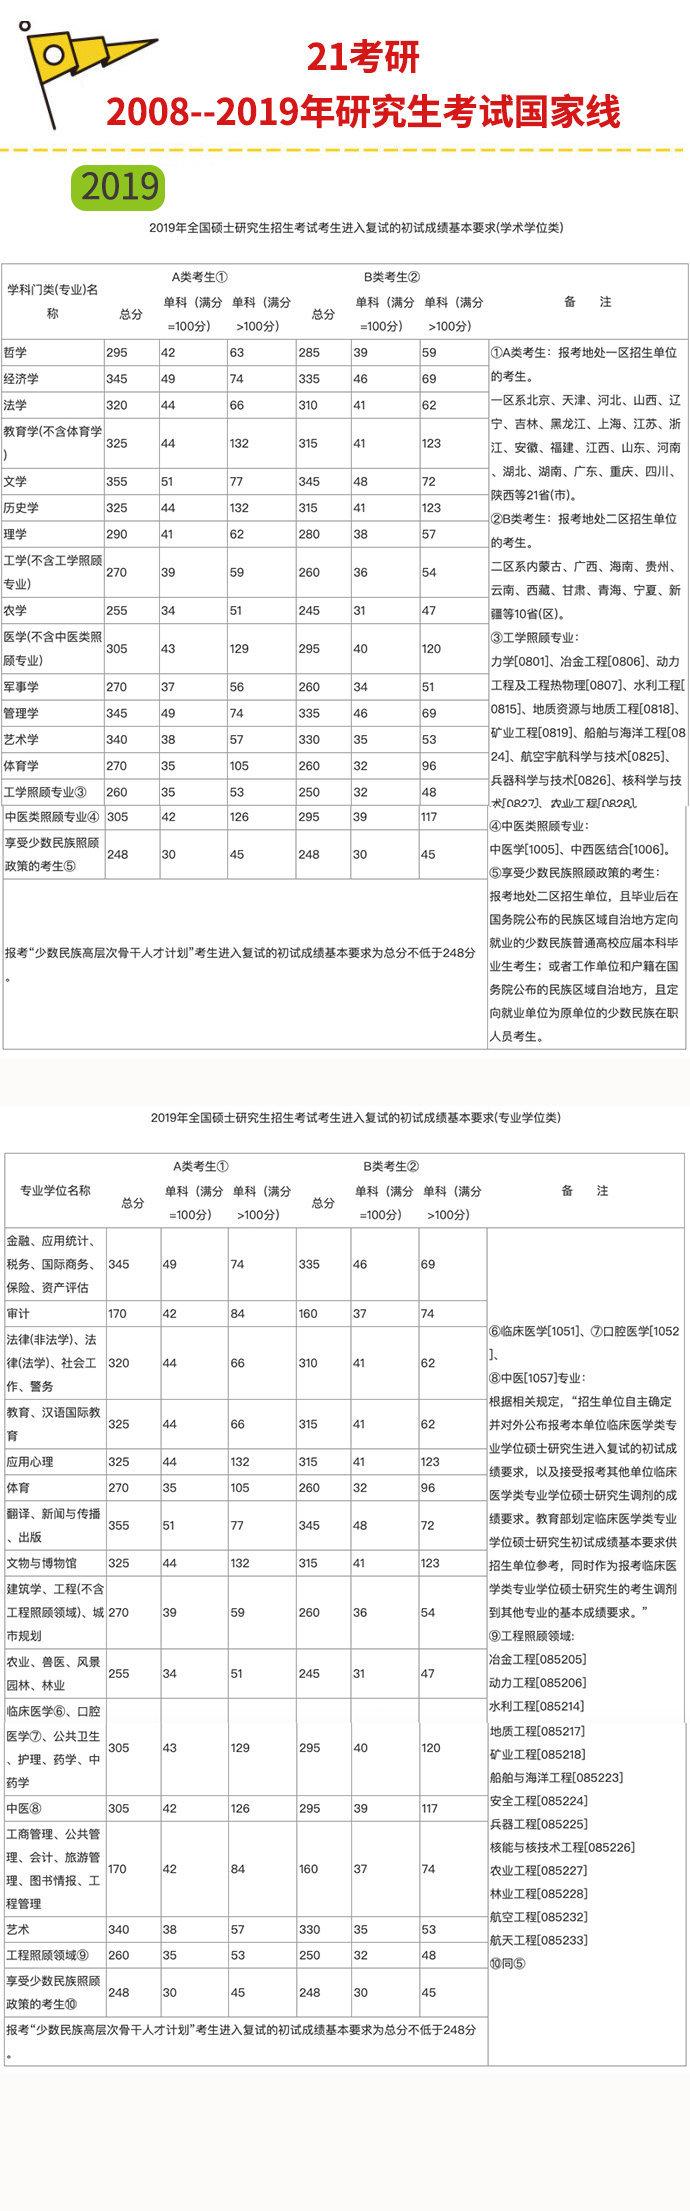 近10年研究生考试初试国家线。